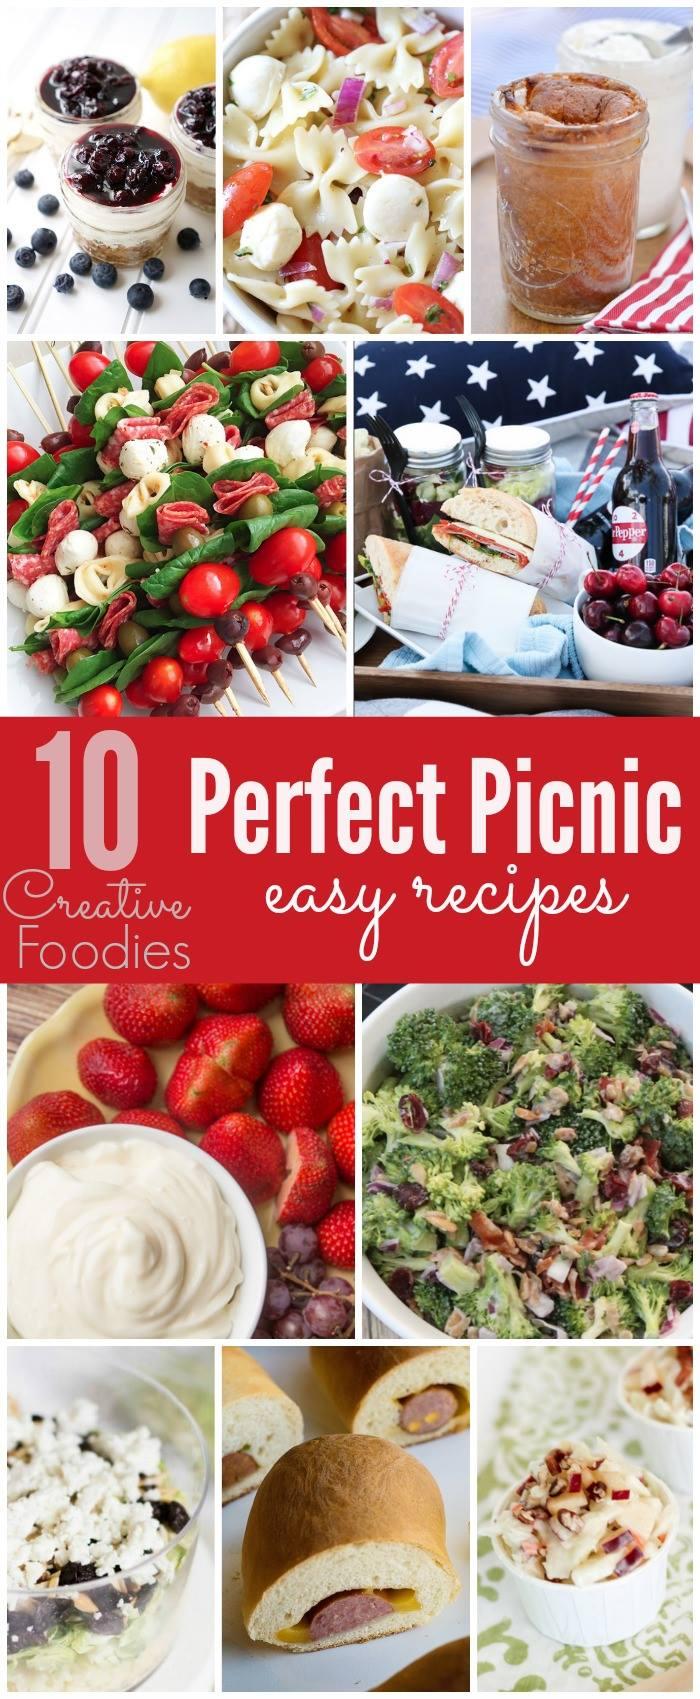 10 Perfect Picnic Recipes